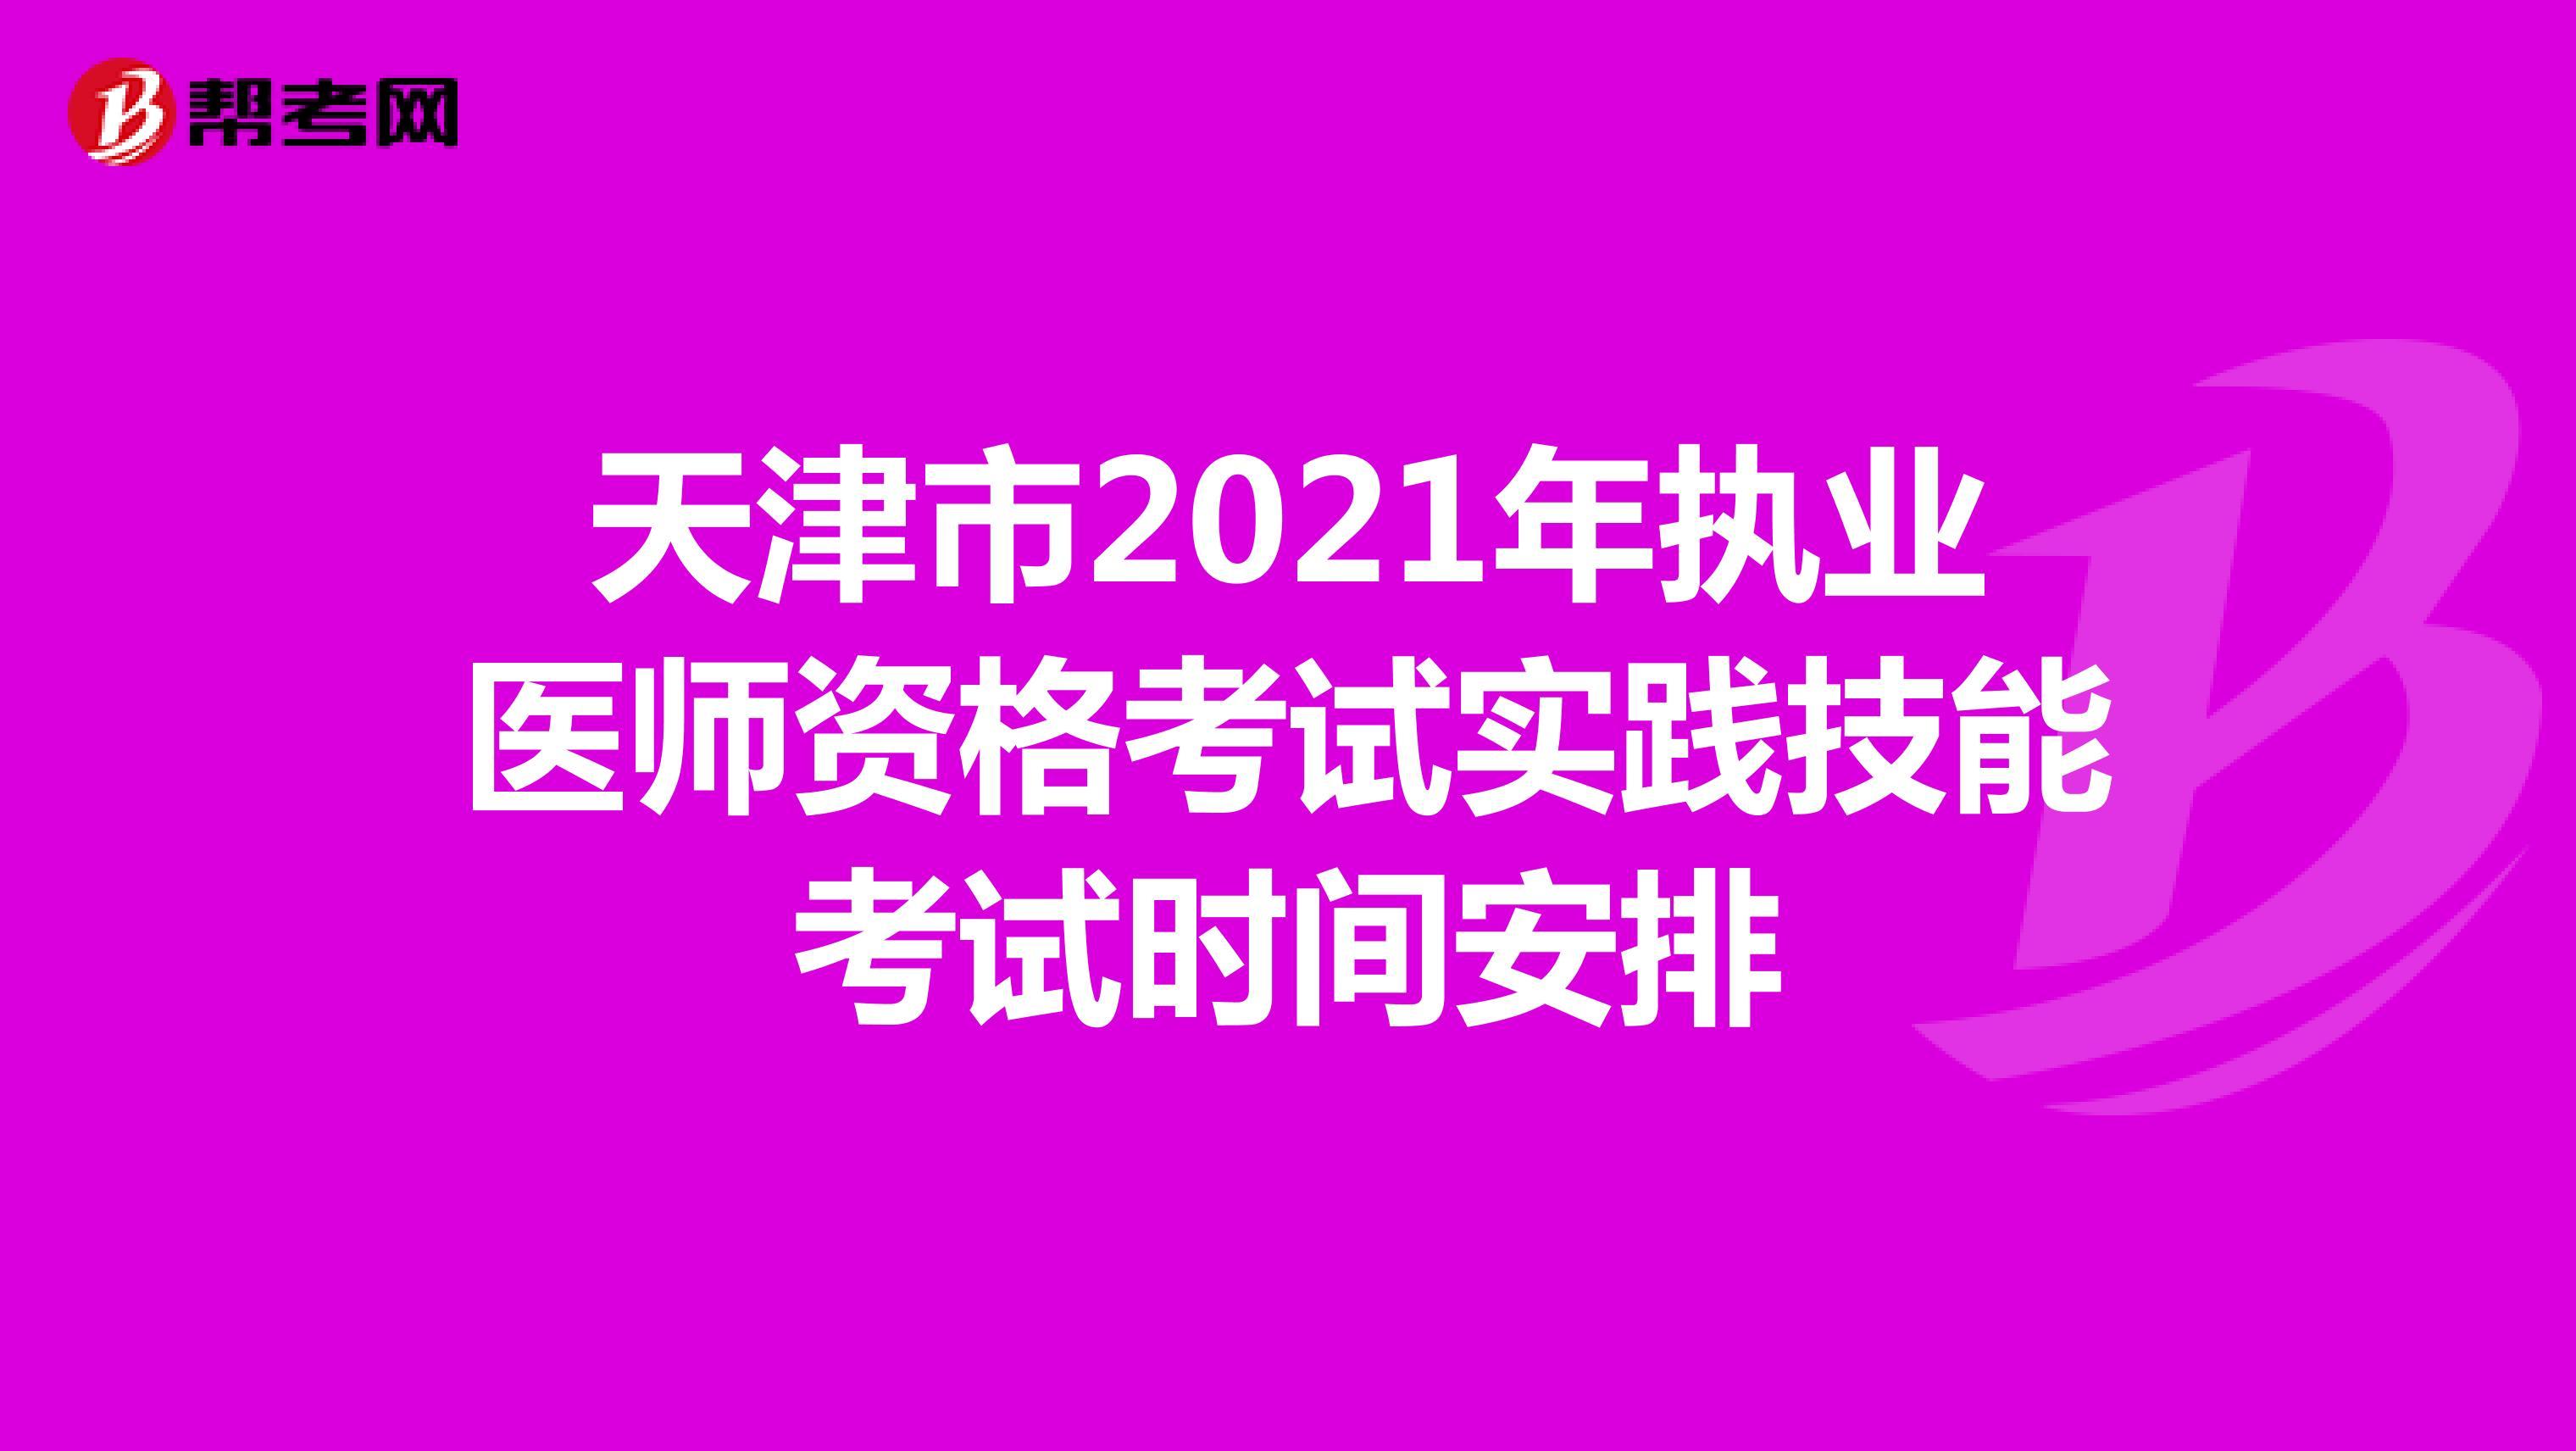 天津市2021年執業醫師資格考試實踐技能考試時間安排